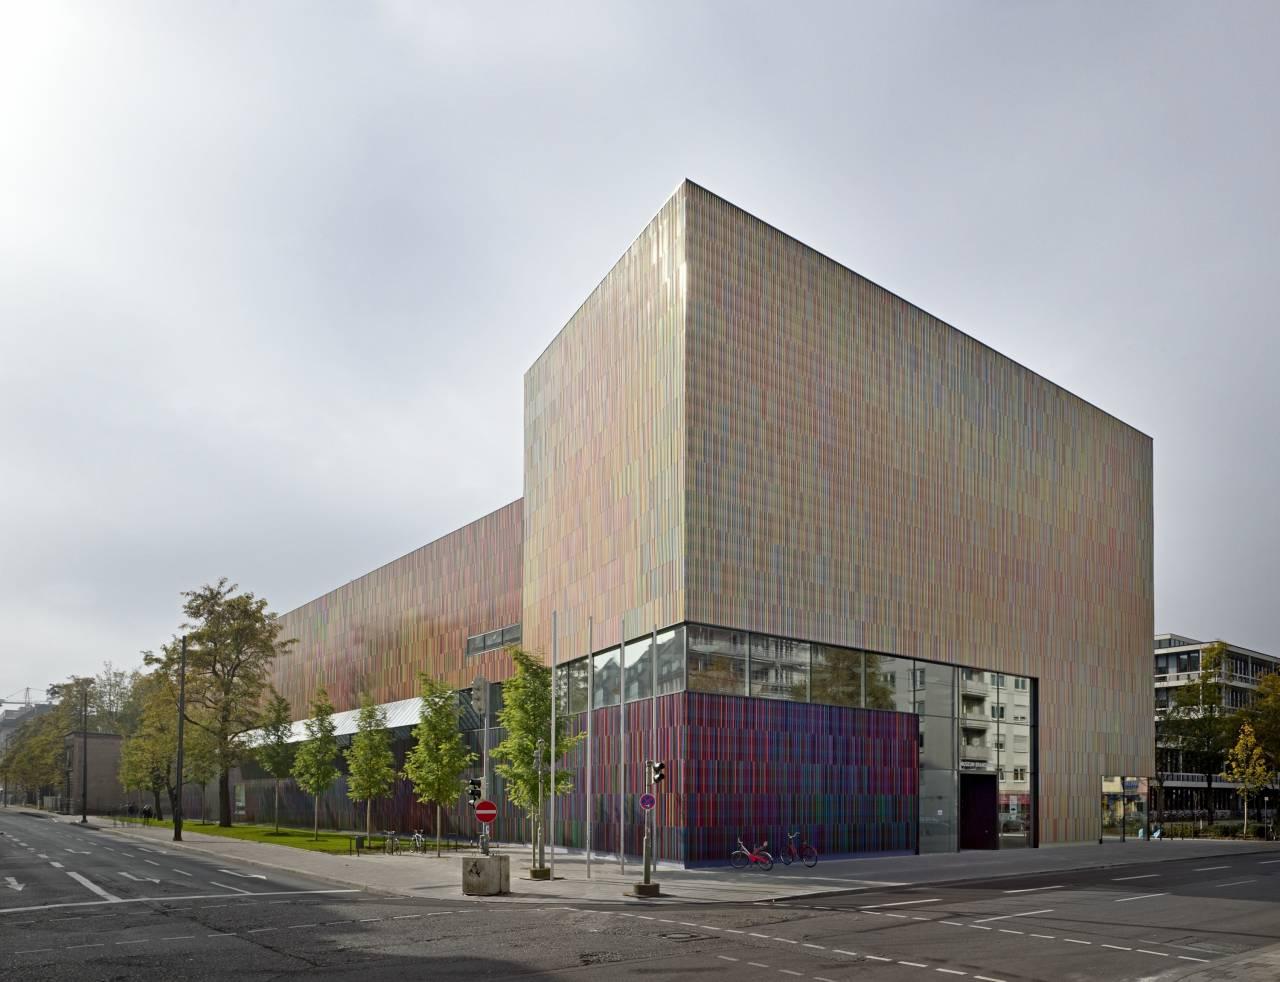 Brandhorst Museum, Munique, Alemanha